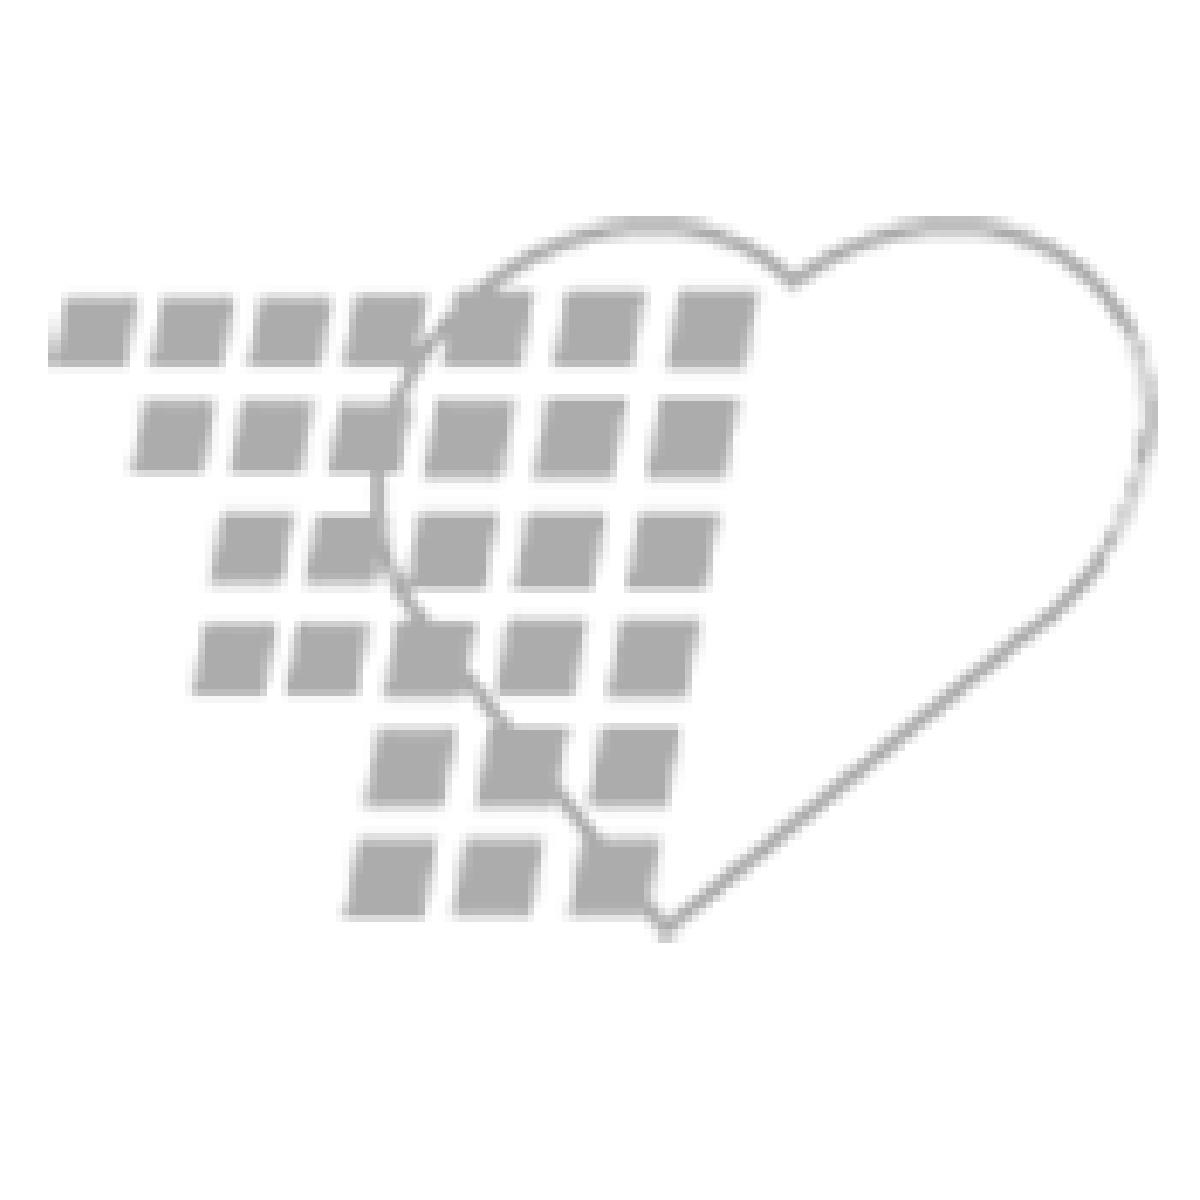 """06-26-2226 - SURFLASH® I.V. Catheter 22G x 1"""" - Blue"""